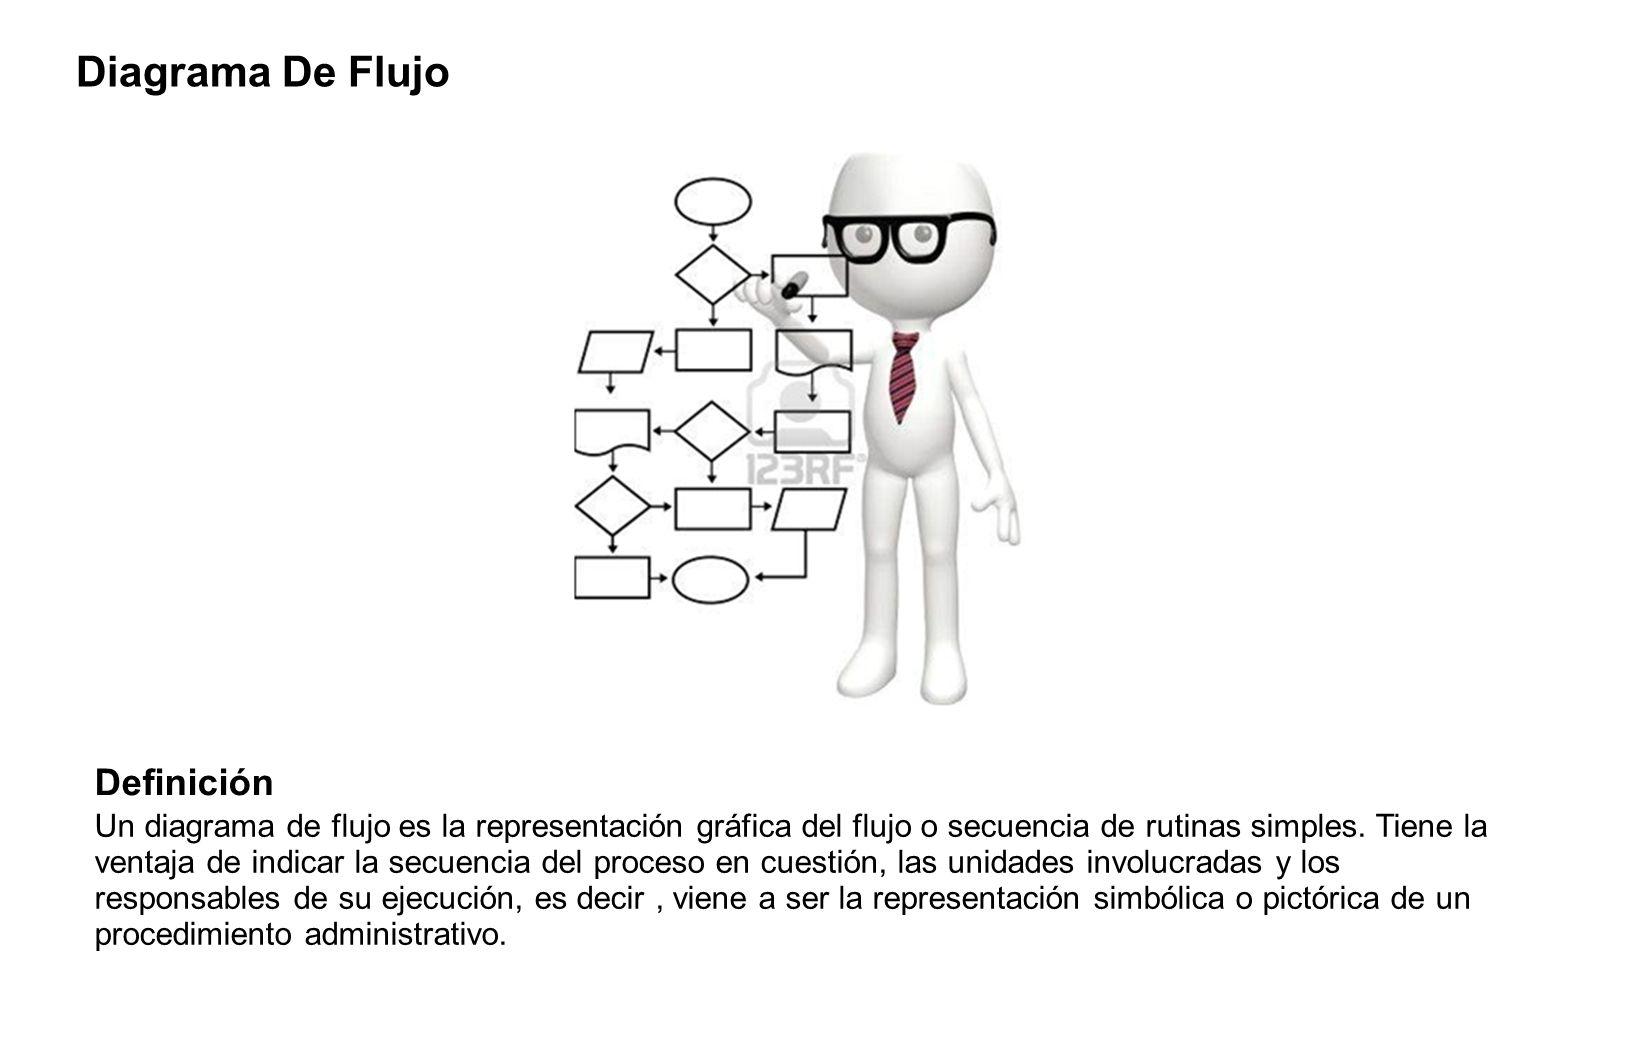 Un diagrama de flujo es una representación gráfica que desglosa un proceso en cualquier tipo de actividad a desarrollarse tanto en empresas industriales o de servicios y en sus departamentos, secciones u áreas de su estructura organizativa.